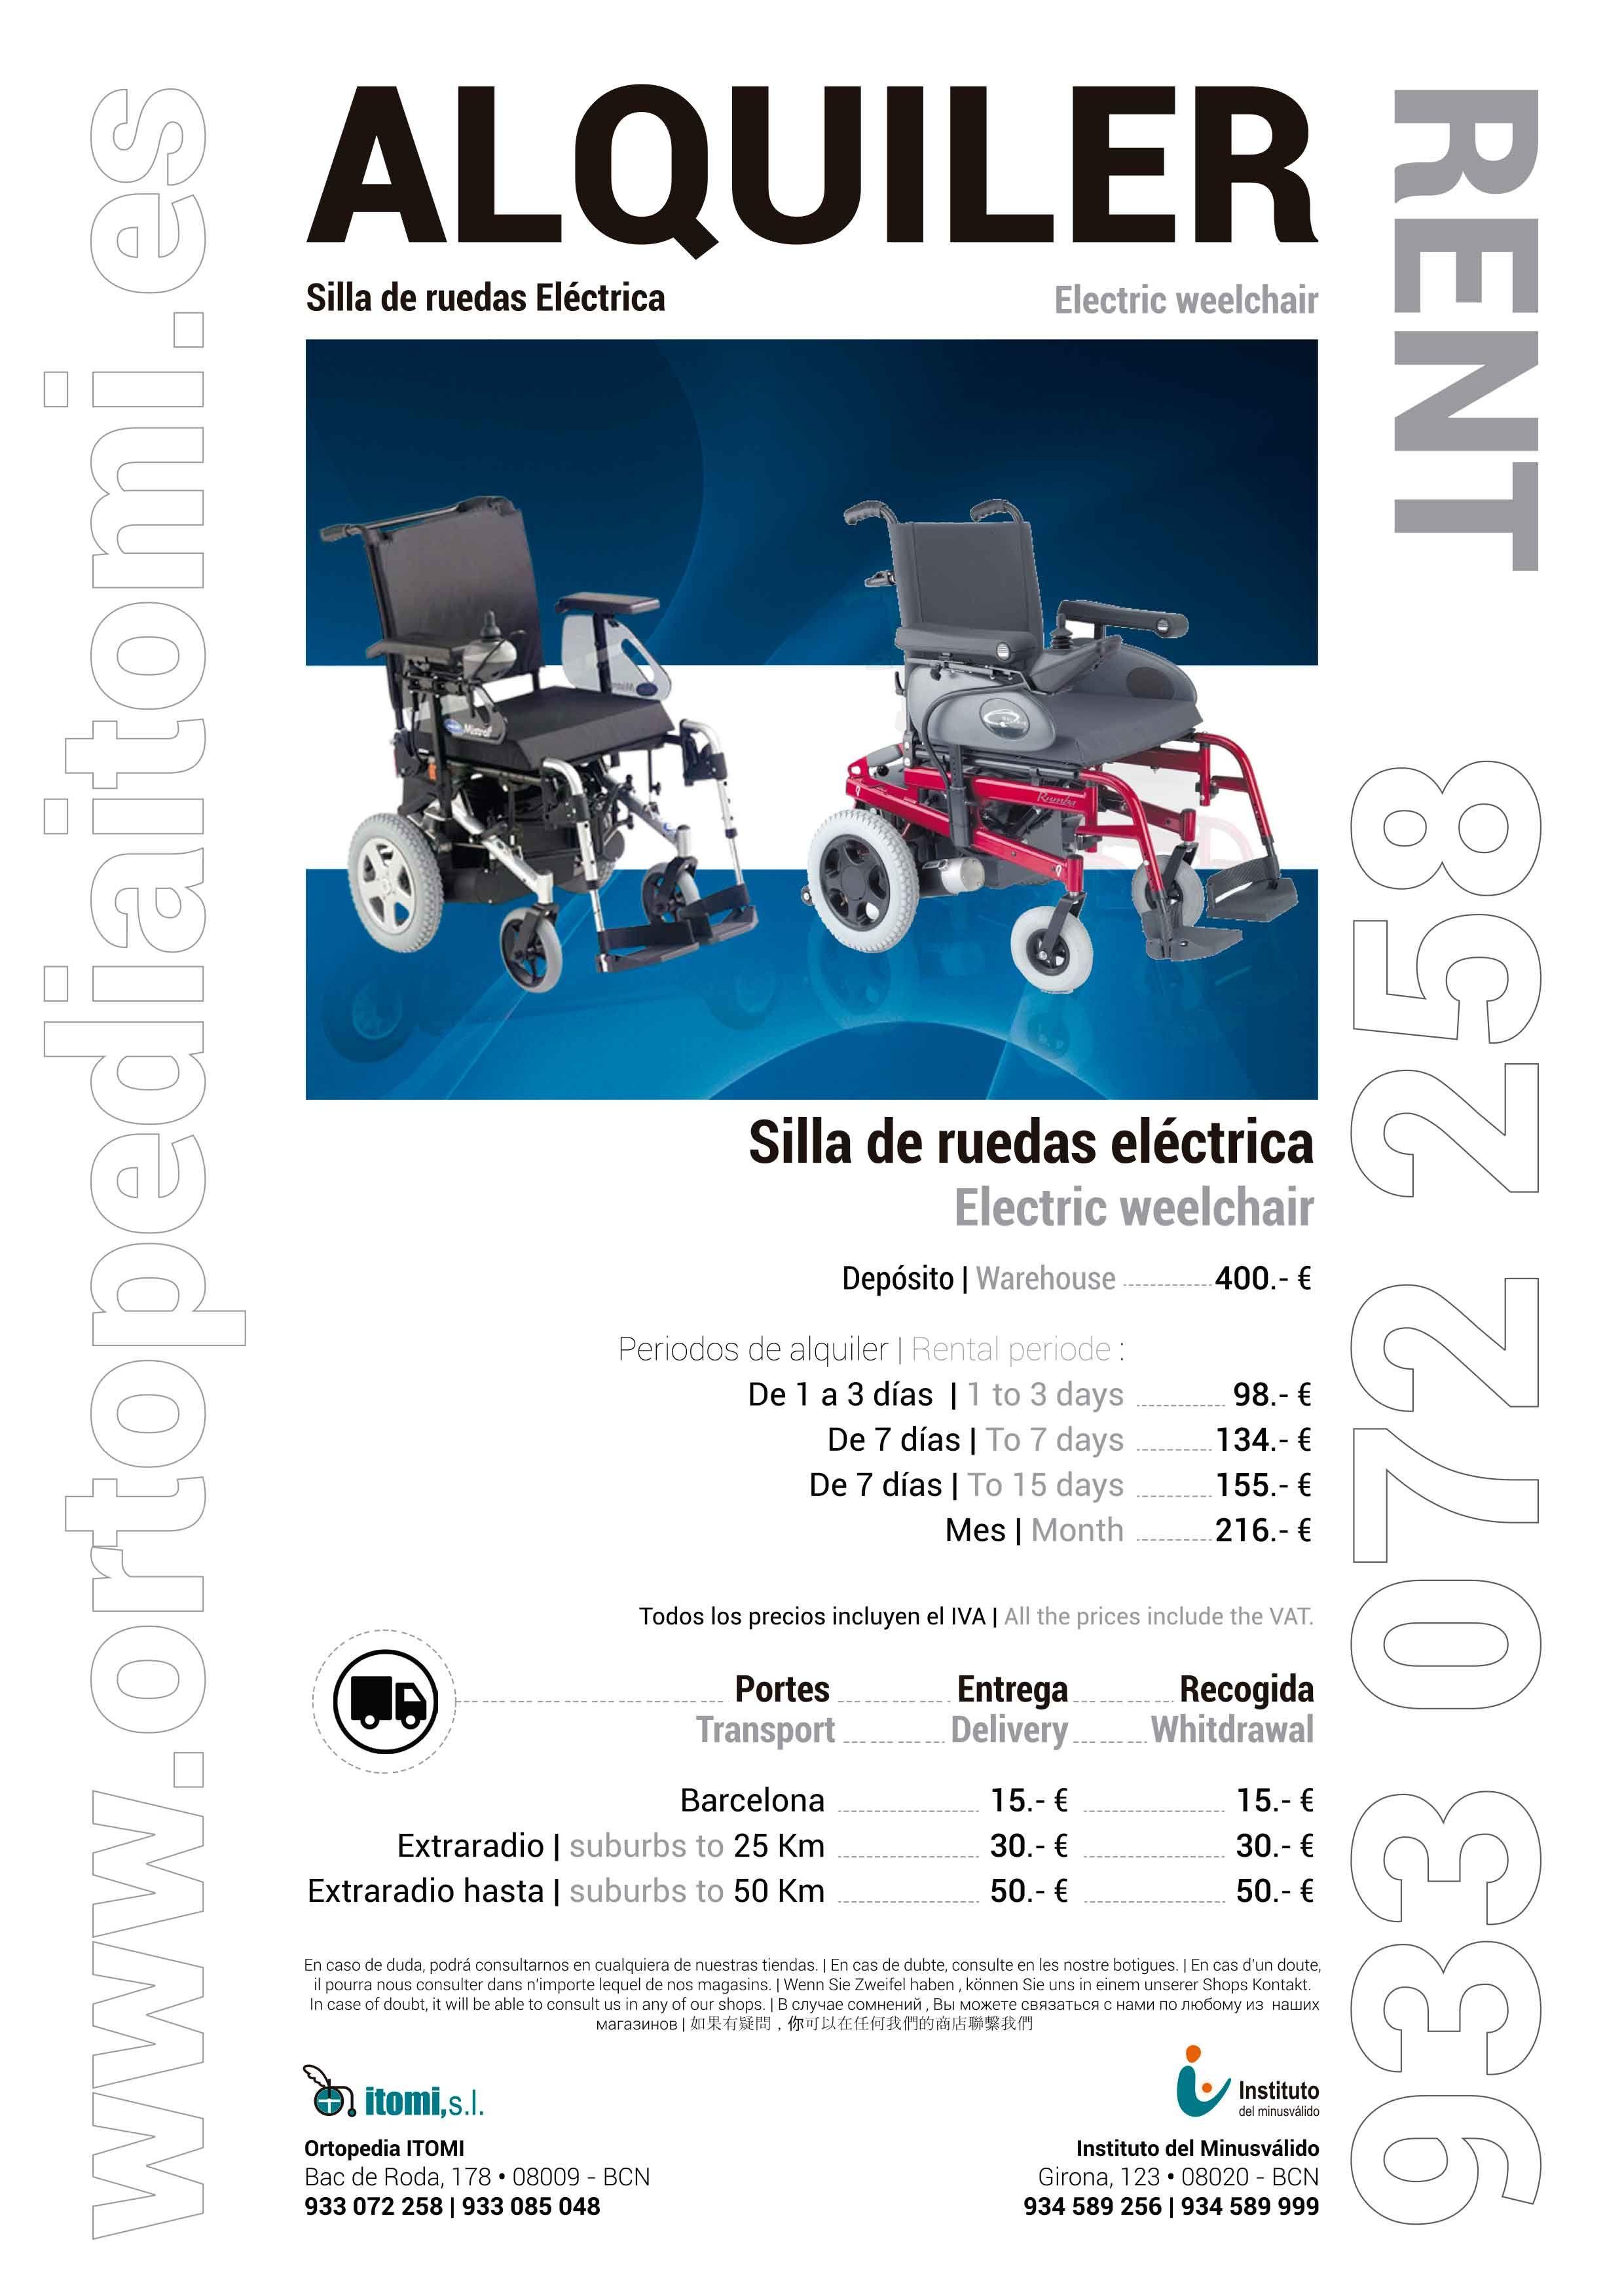 Alquiler silla de ruedas El ctrica